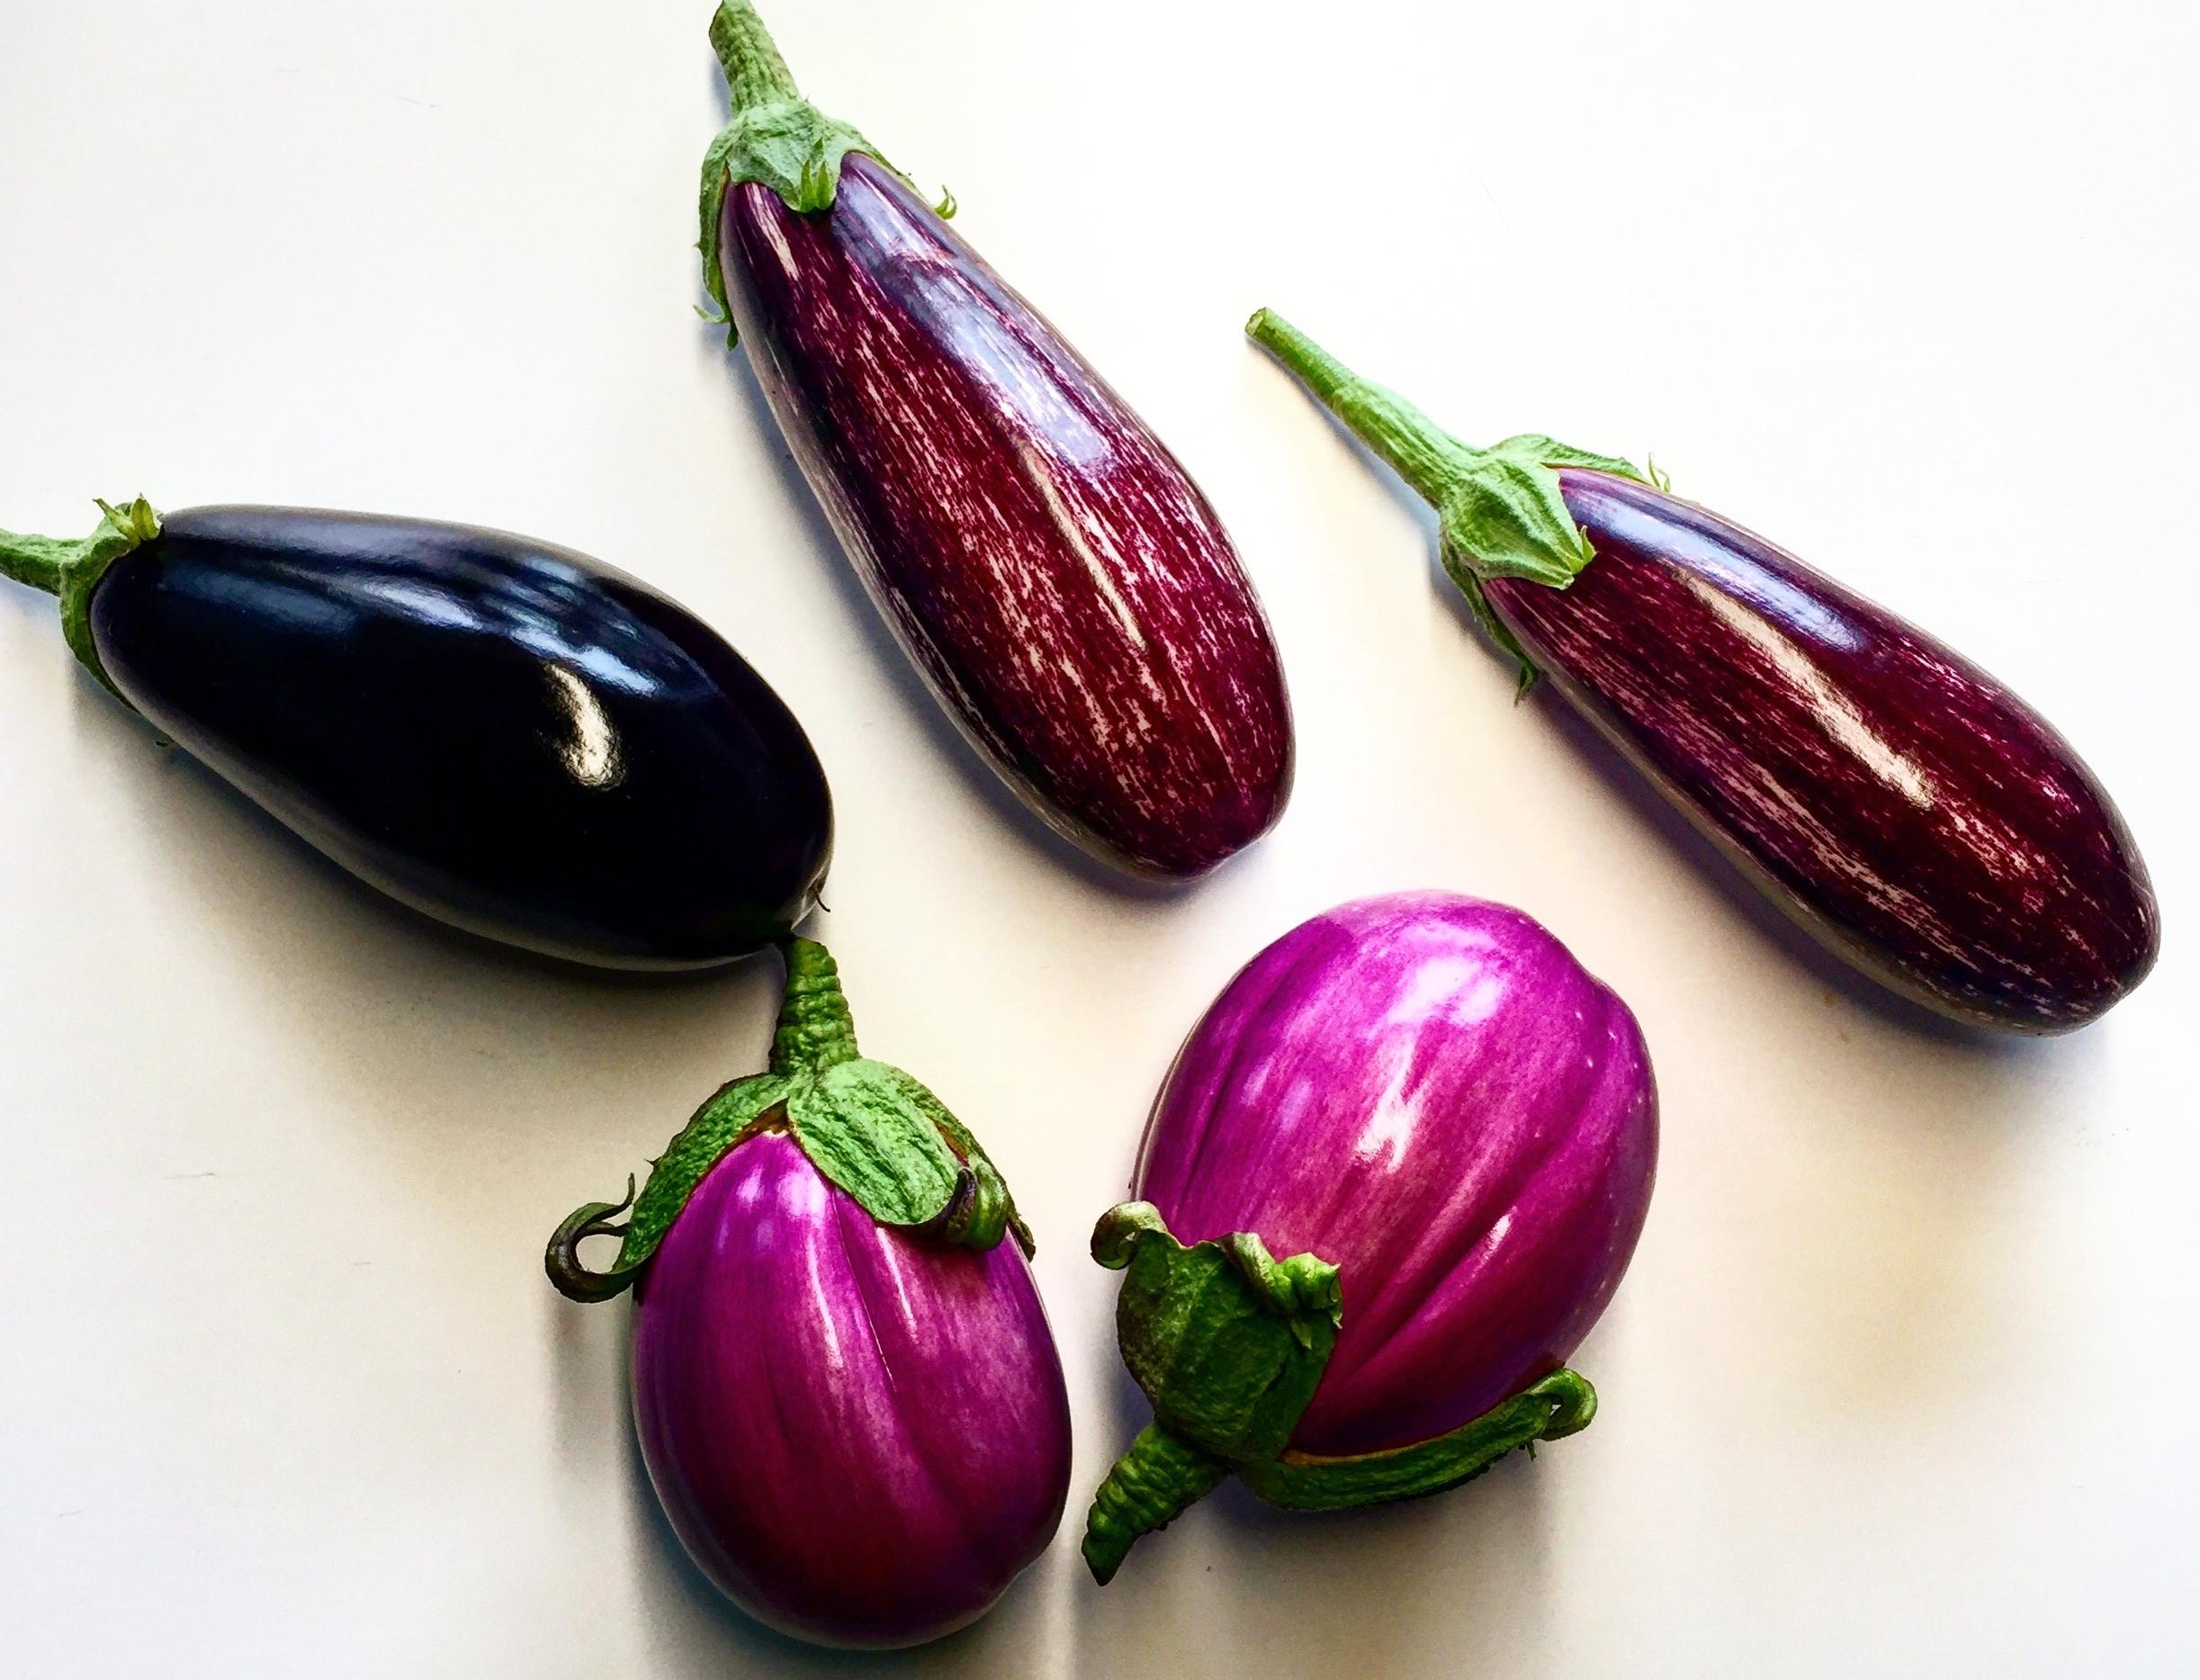 FRIScHE PRODUKTE - Ermöglicht Ernte und Zubereitung der Lebensmittel 'vor-Ort' und garantiert damit hohe Qualität in Frische und Geschmack